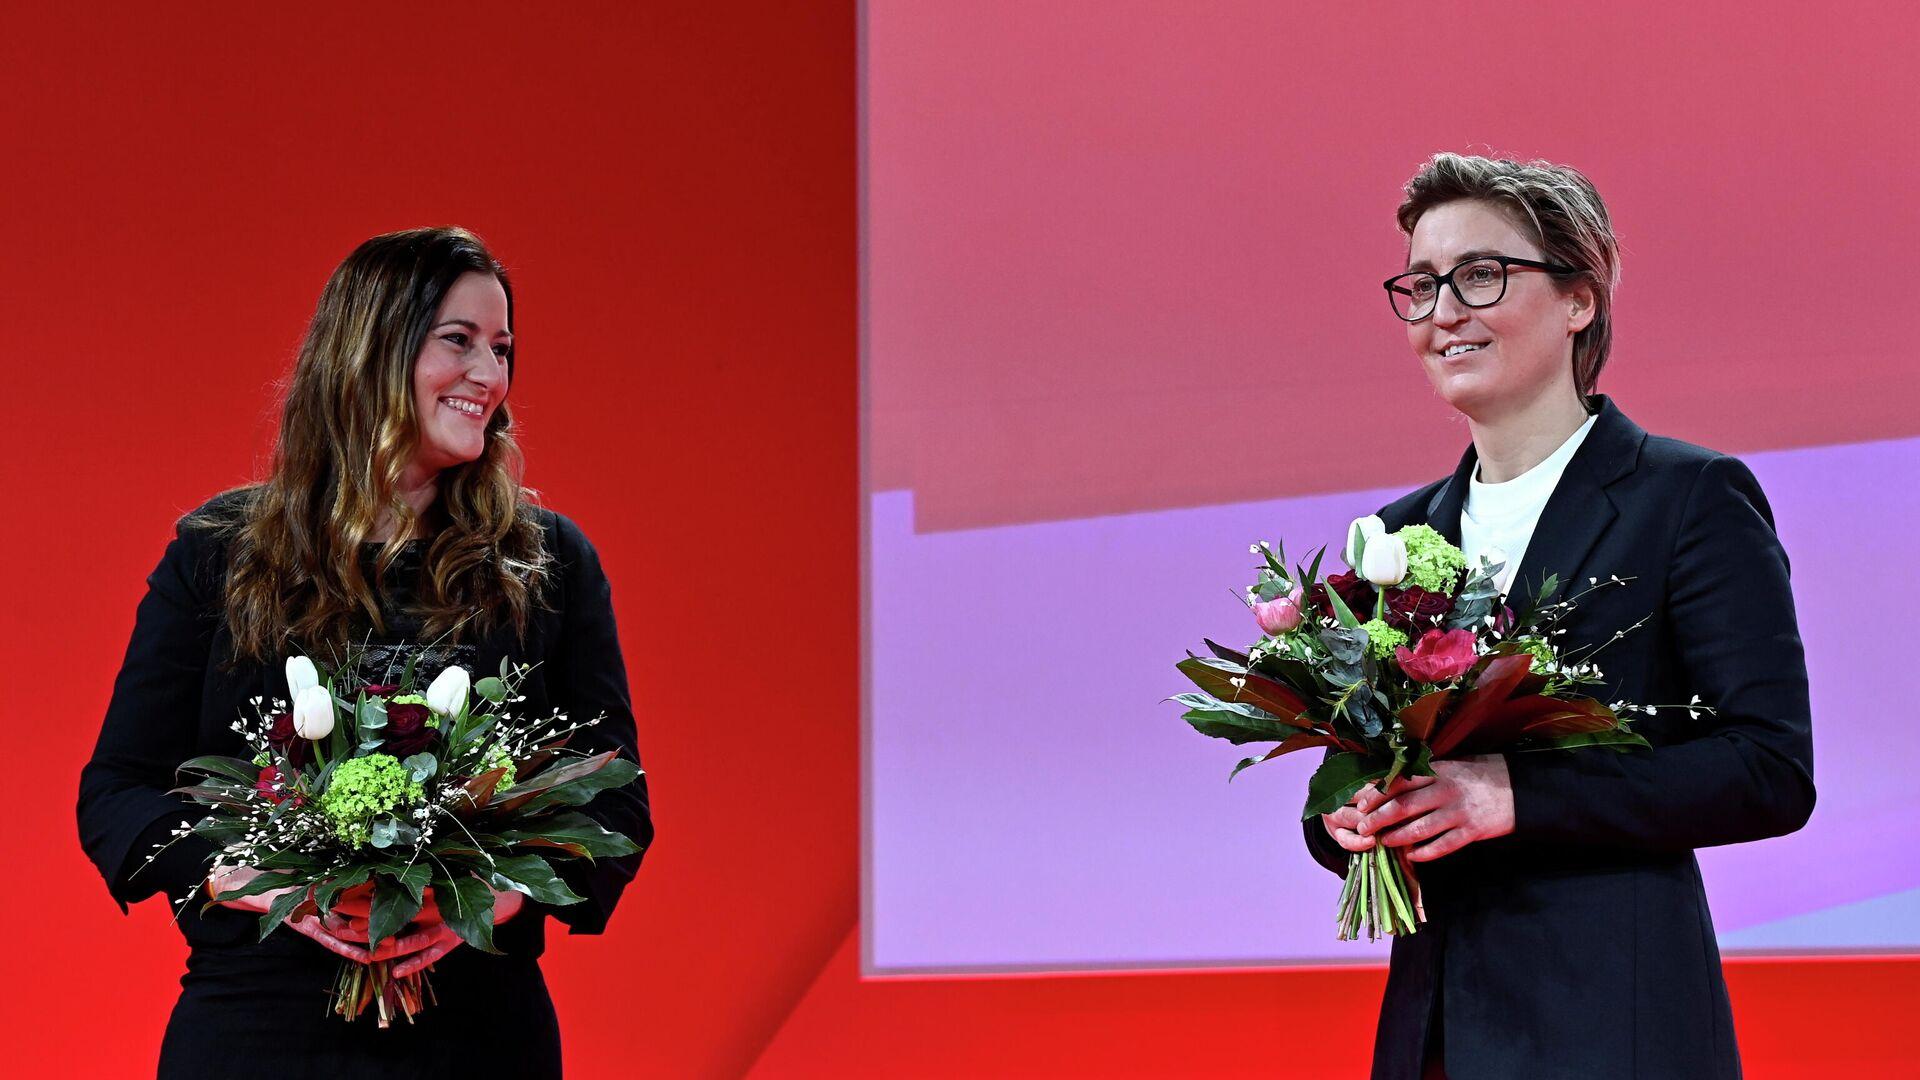 Die Linke wählt ihre neuen Parteivorsitzenden, die hessische Landtagsfraktionschefin Janine Wissler (links) und die thüringische Landeschefin Susanne Hennig-Wellsow. - SNA, 1920, 27.02.2021